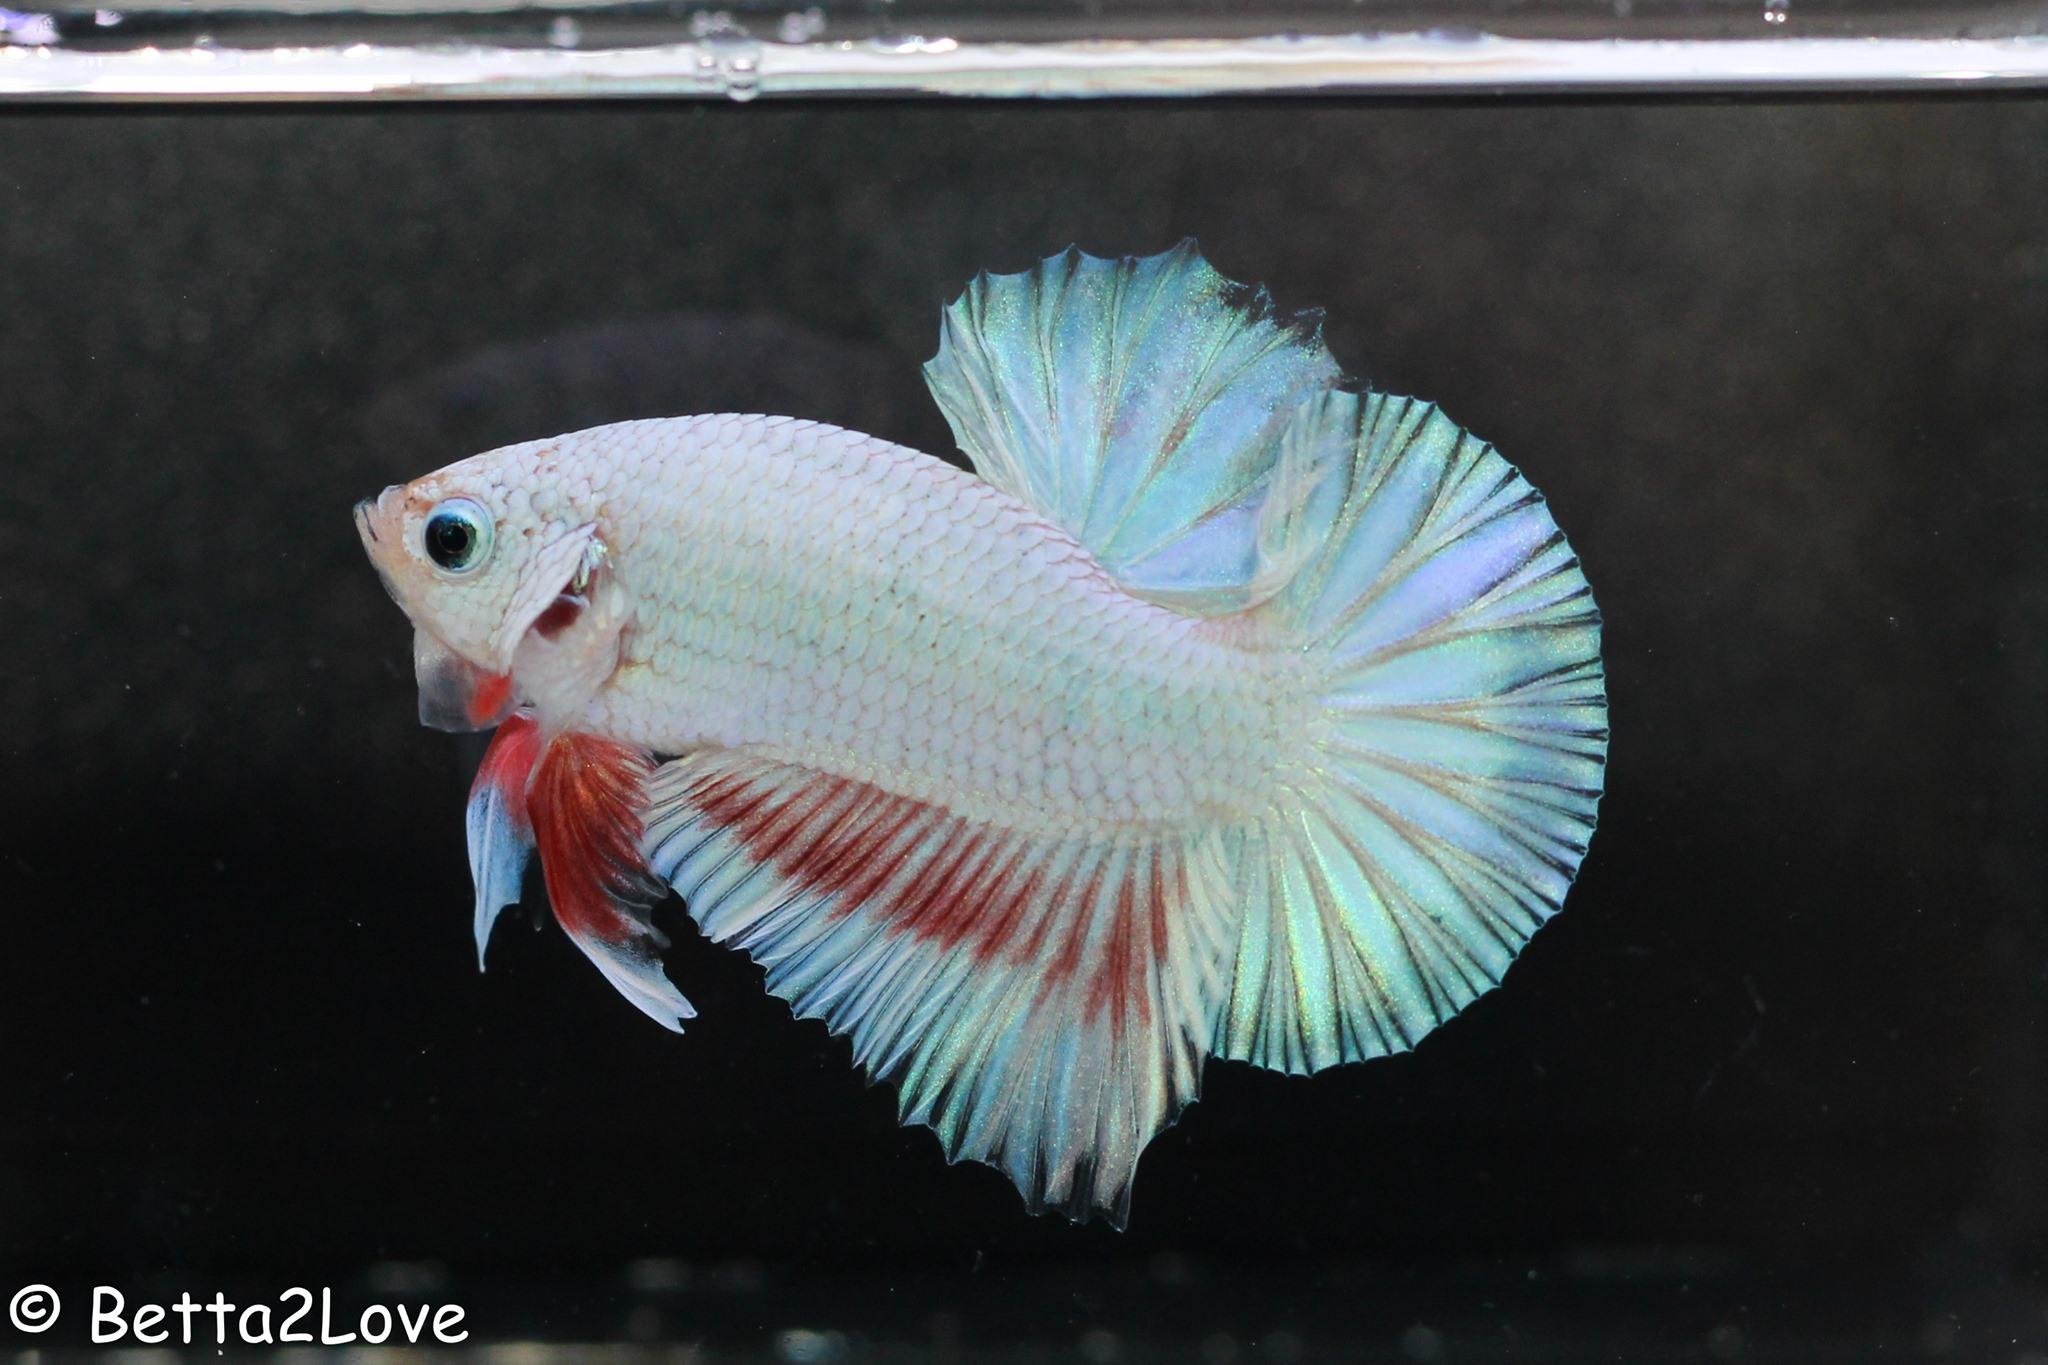 Рыбки петушки (бойцовский, аквариумный петушок бетта, вуалевый): содержание, уход в аквариуме (температура воды)